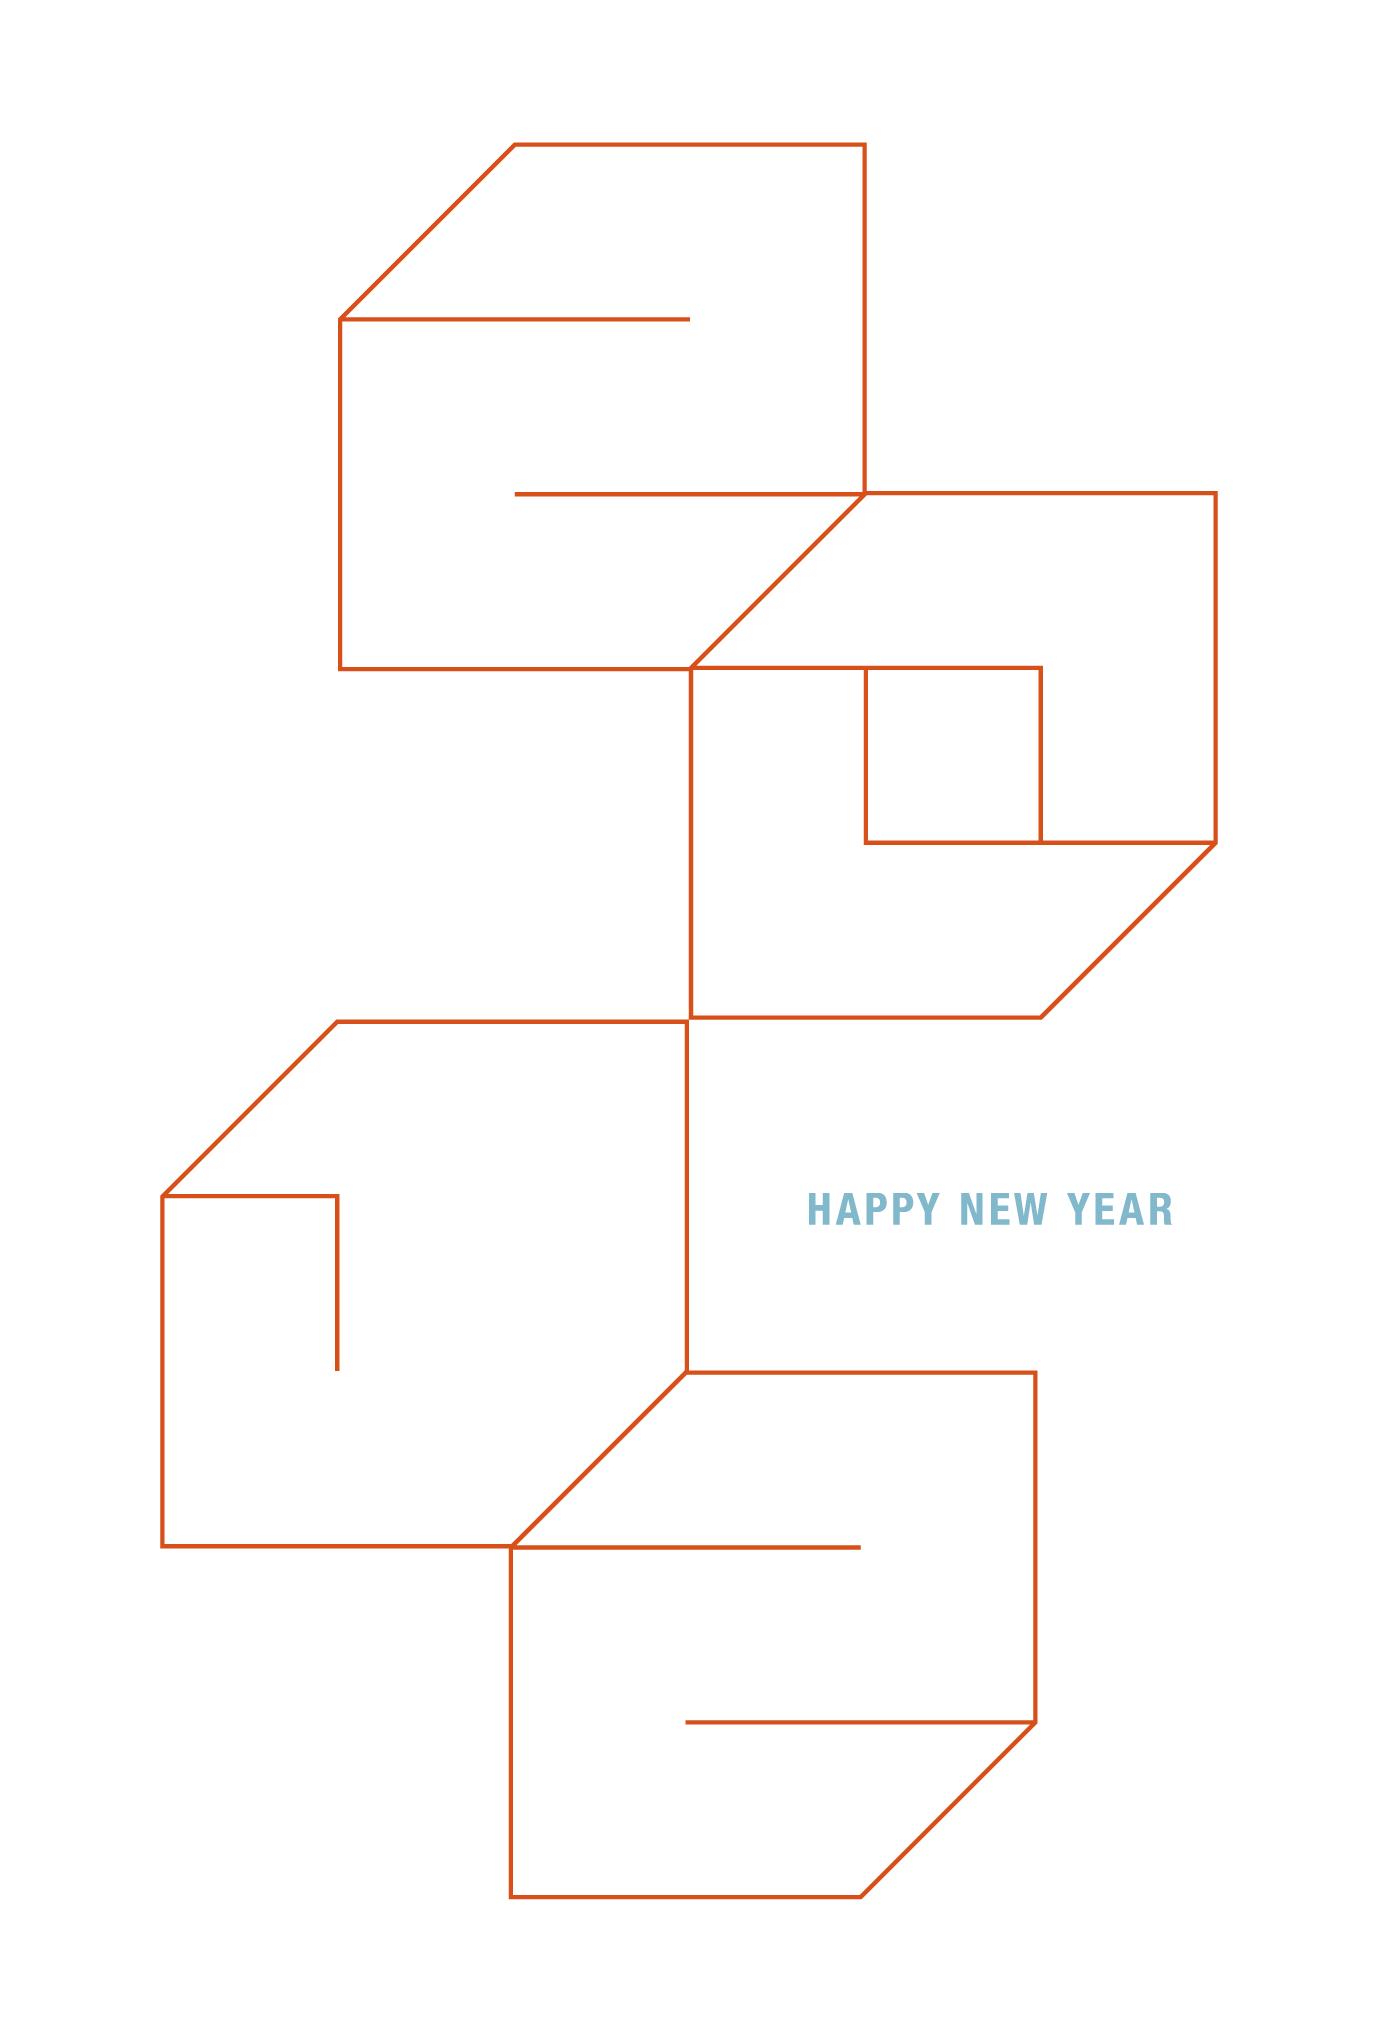 2012年賀状07:Square 2012 / 1のダウンロード画像